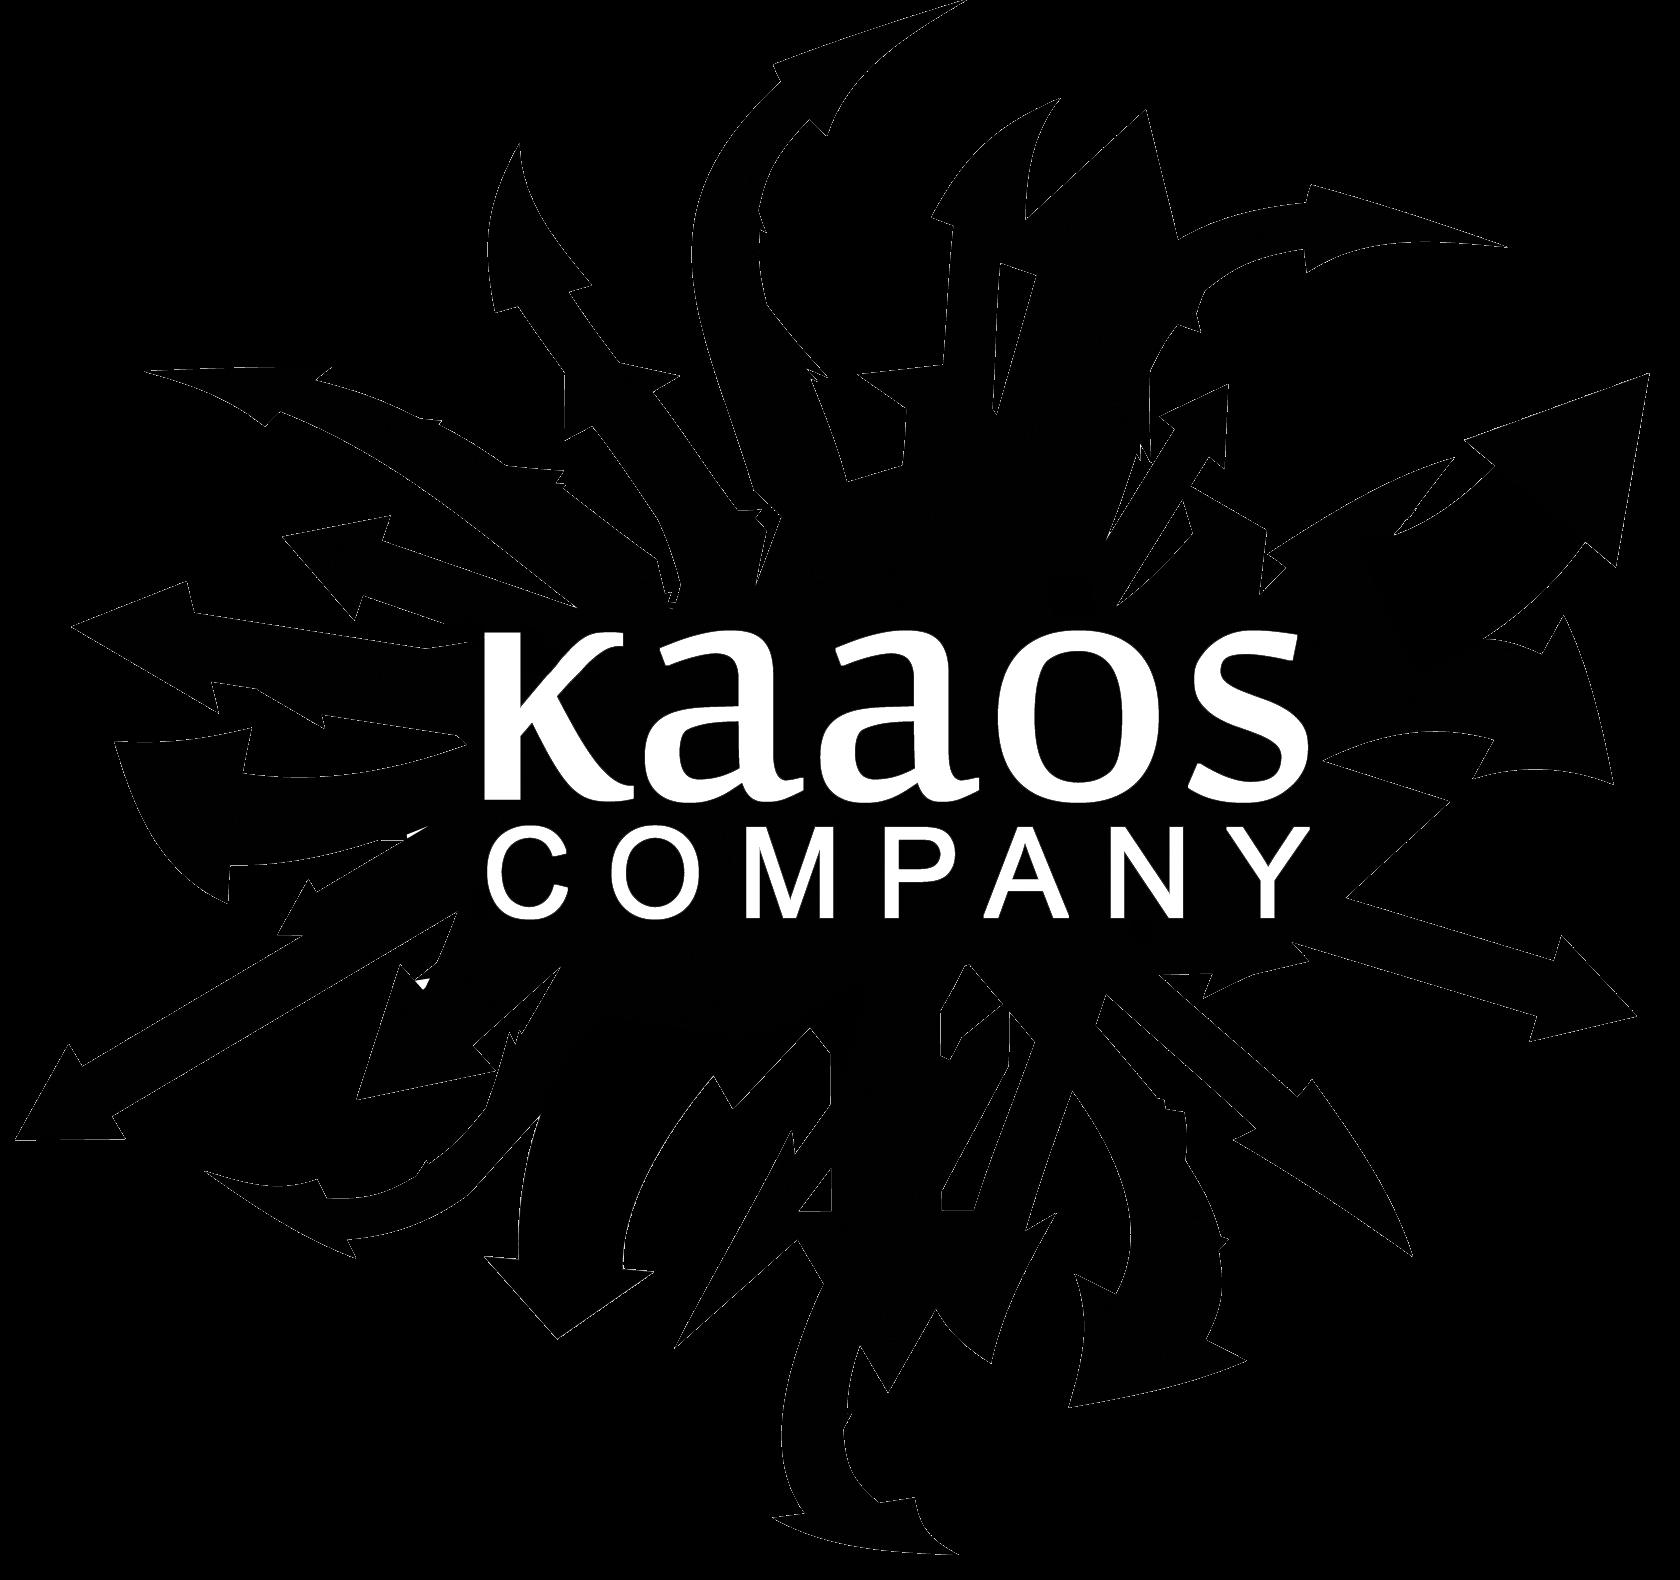 Kaaos Company